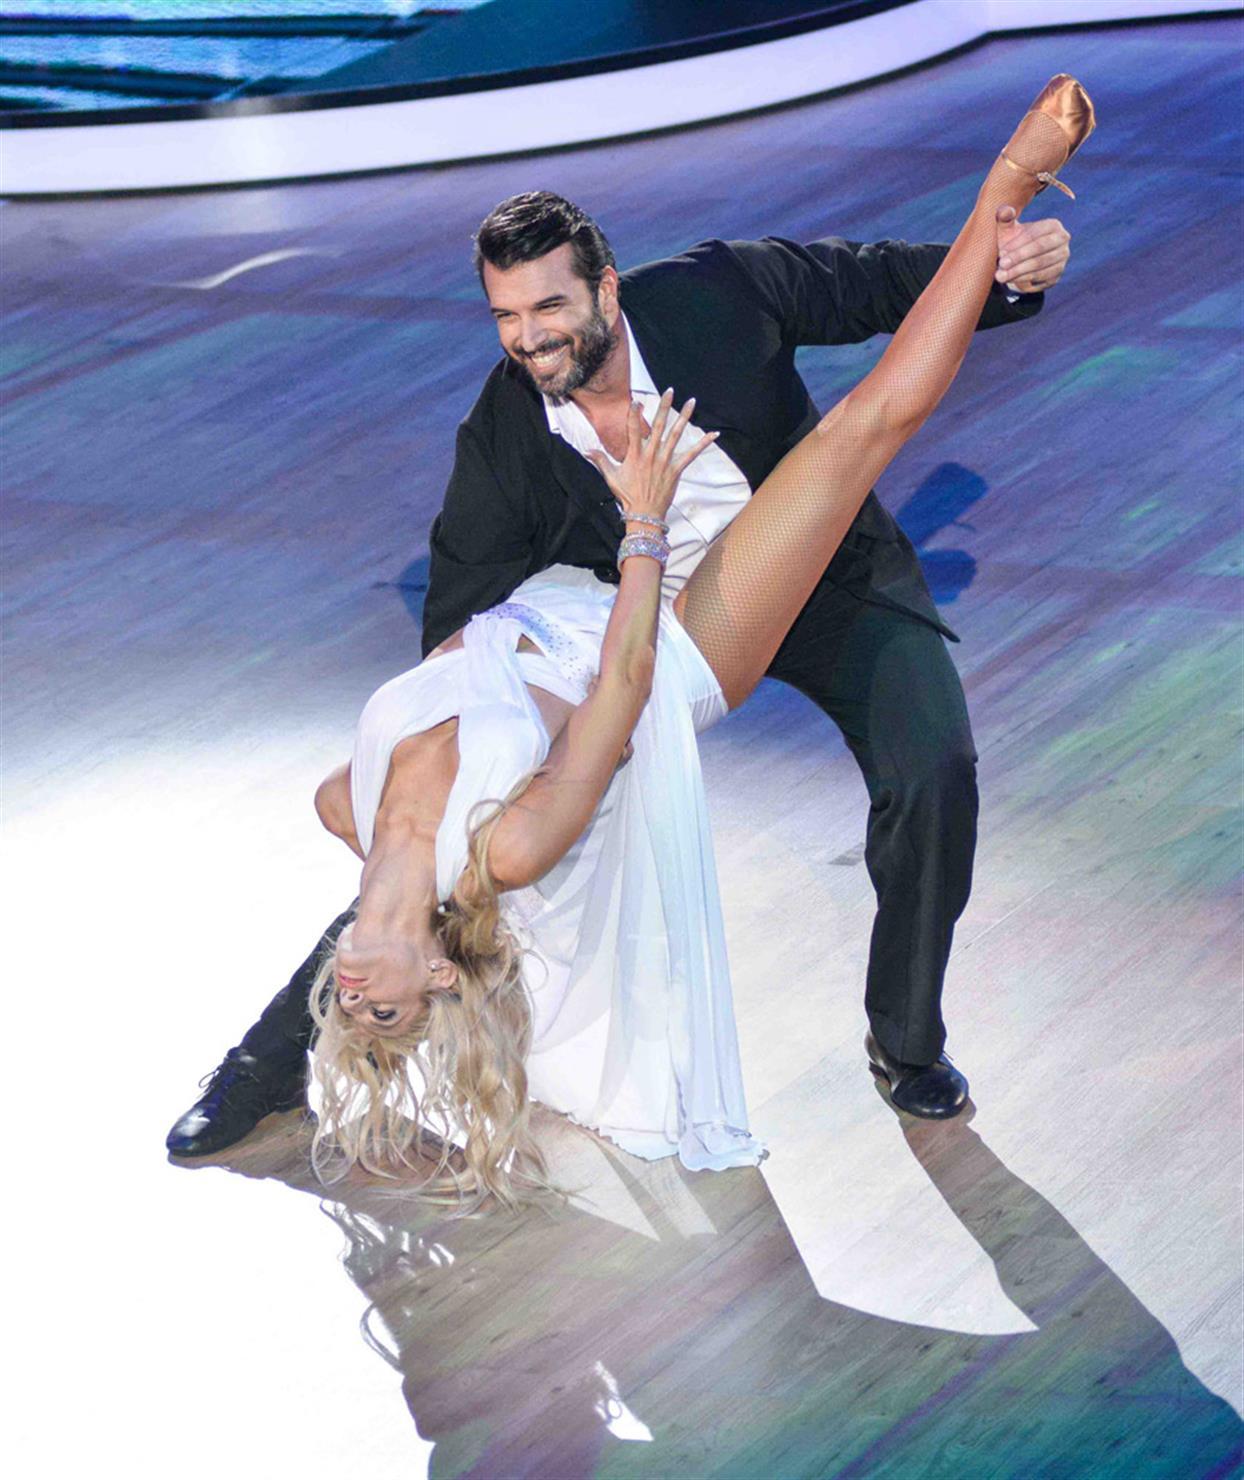 Αντώνη Βλοντάκη - DANCING WITH THE STARS - LIVE 1